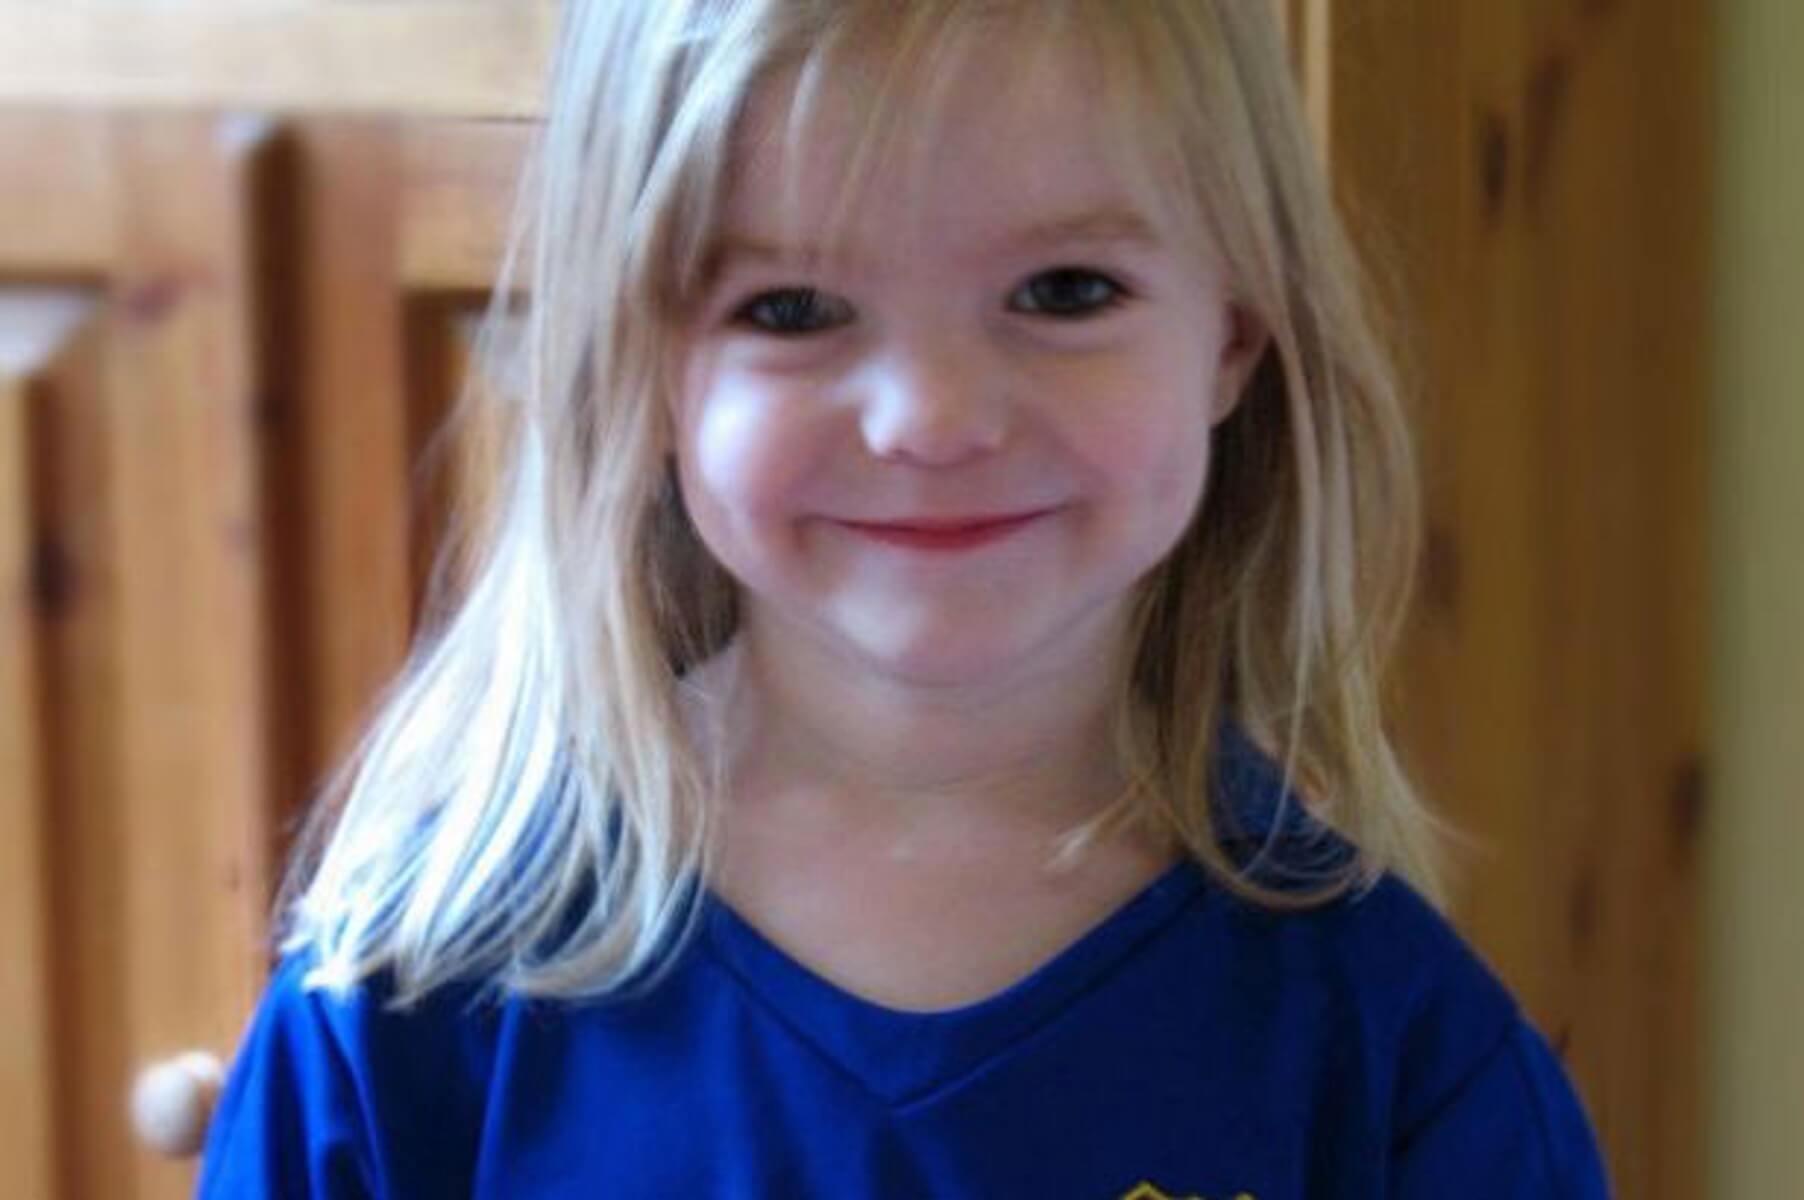 Μικρή Μαντλίν: Ραγδαίες εξελίξεις στην επέτειο της εξαφάνισής της!